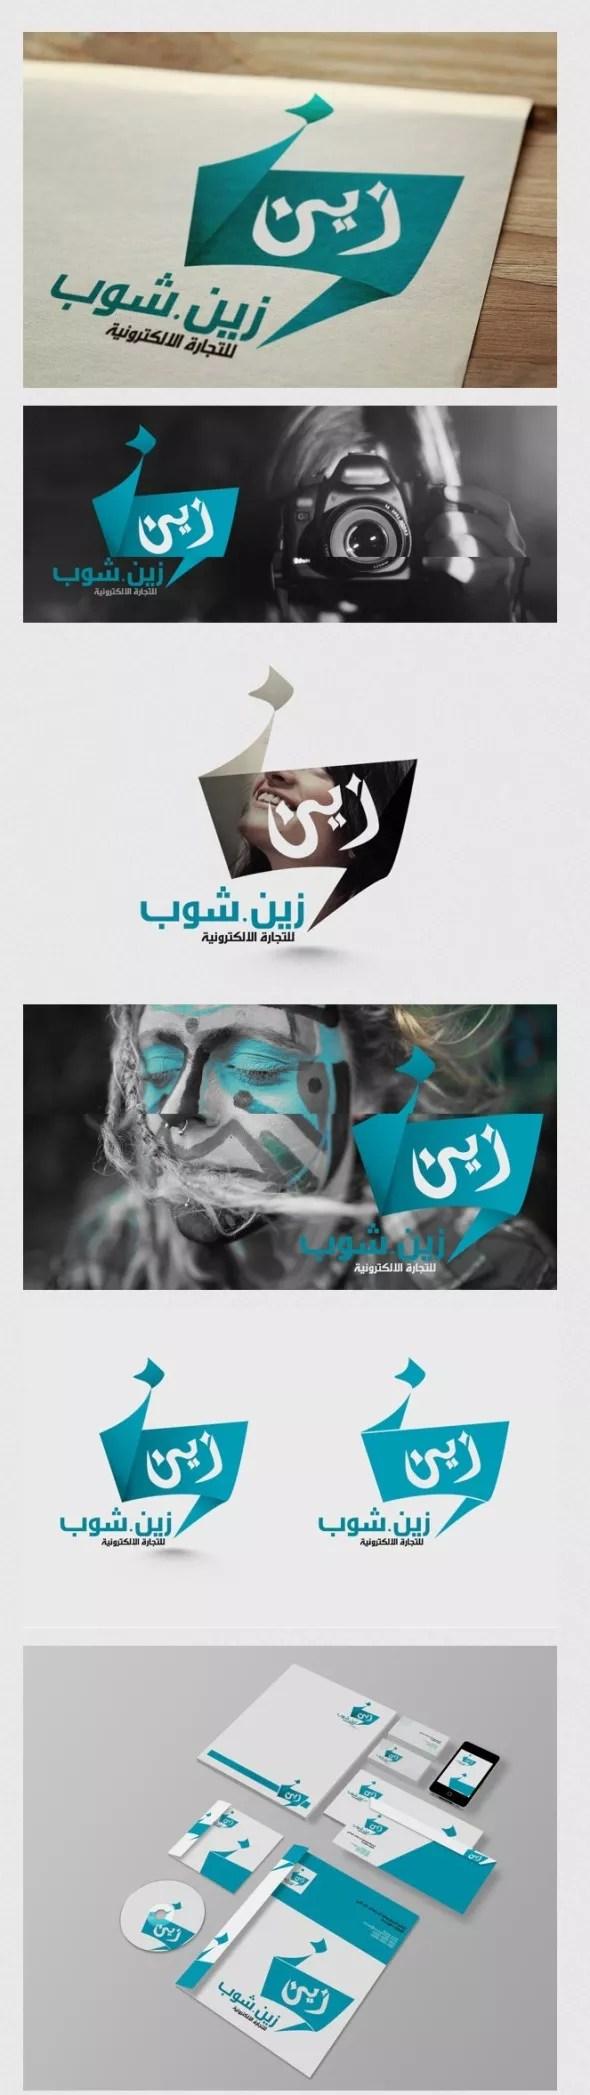 Zaine shop Arabic branding